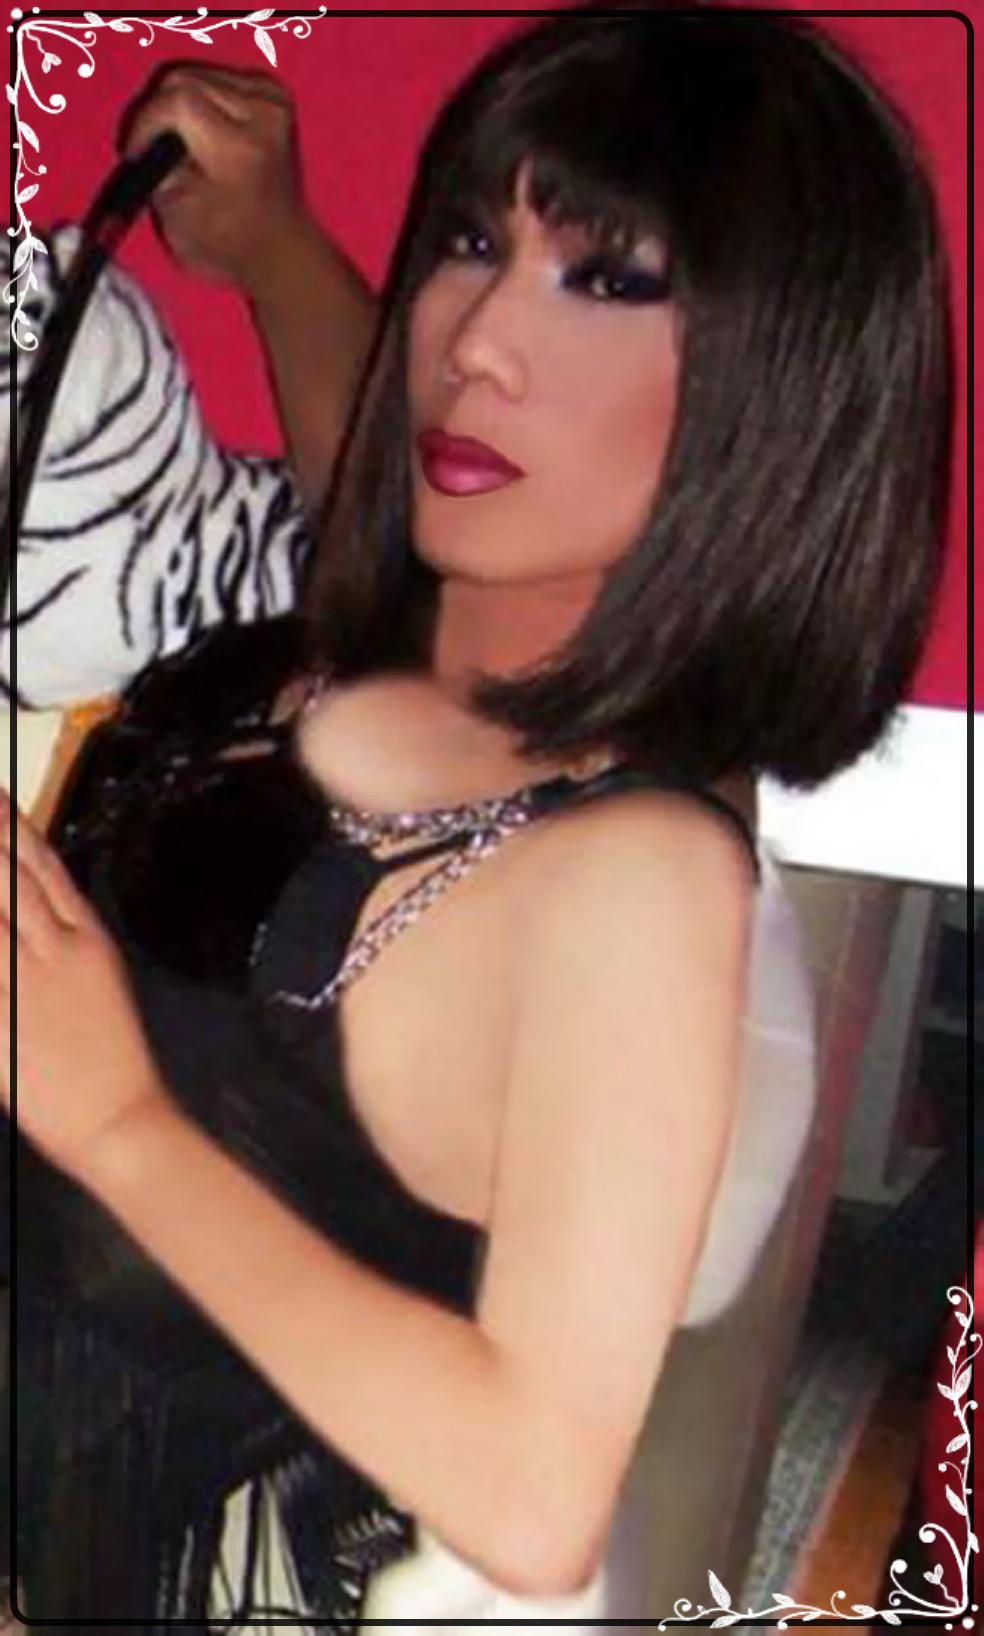 Vorschaubild von TS Transe Gong Shemale in Berlin bei Transgirls.de